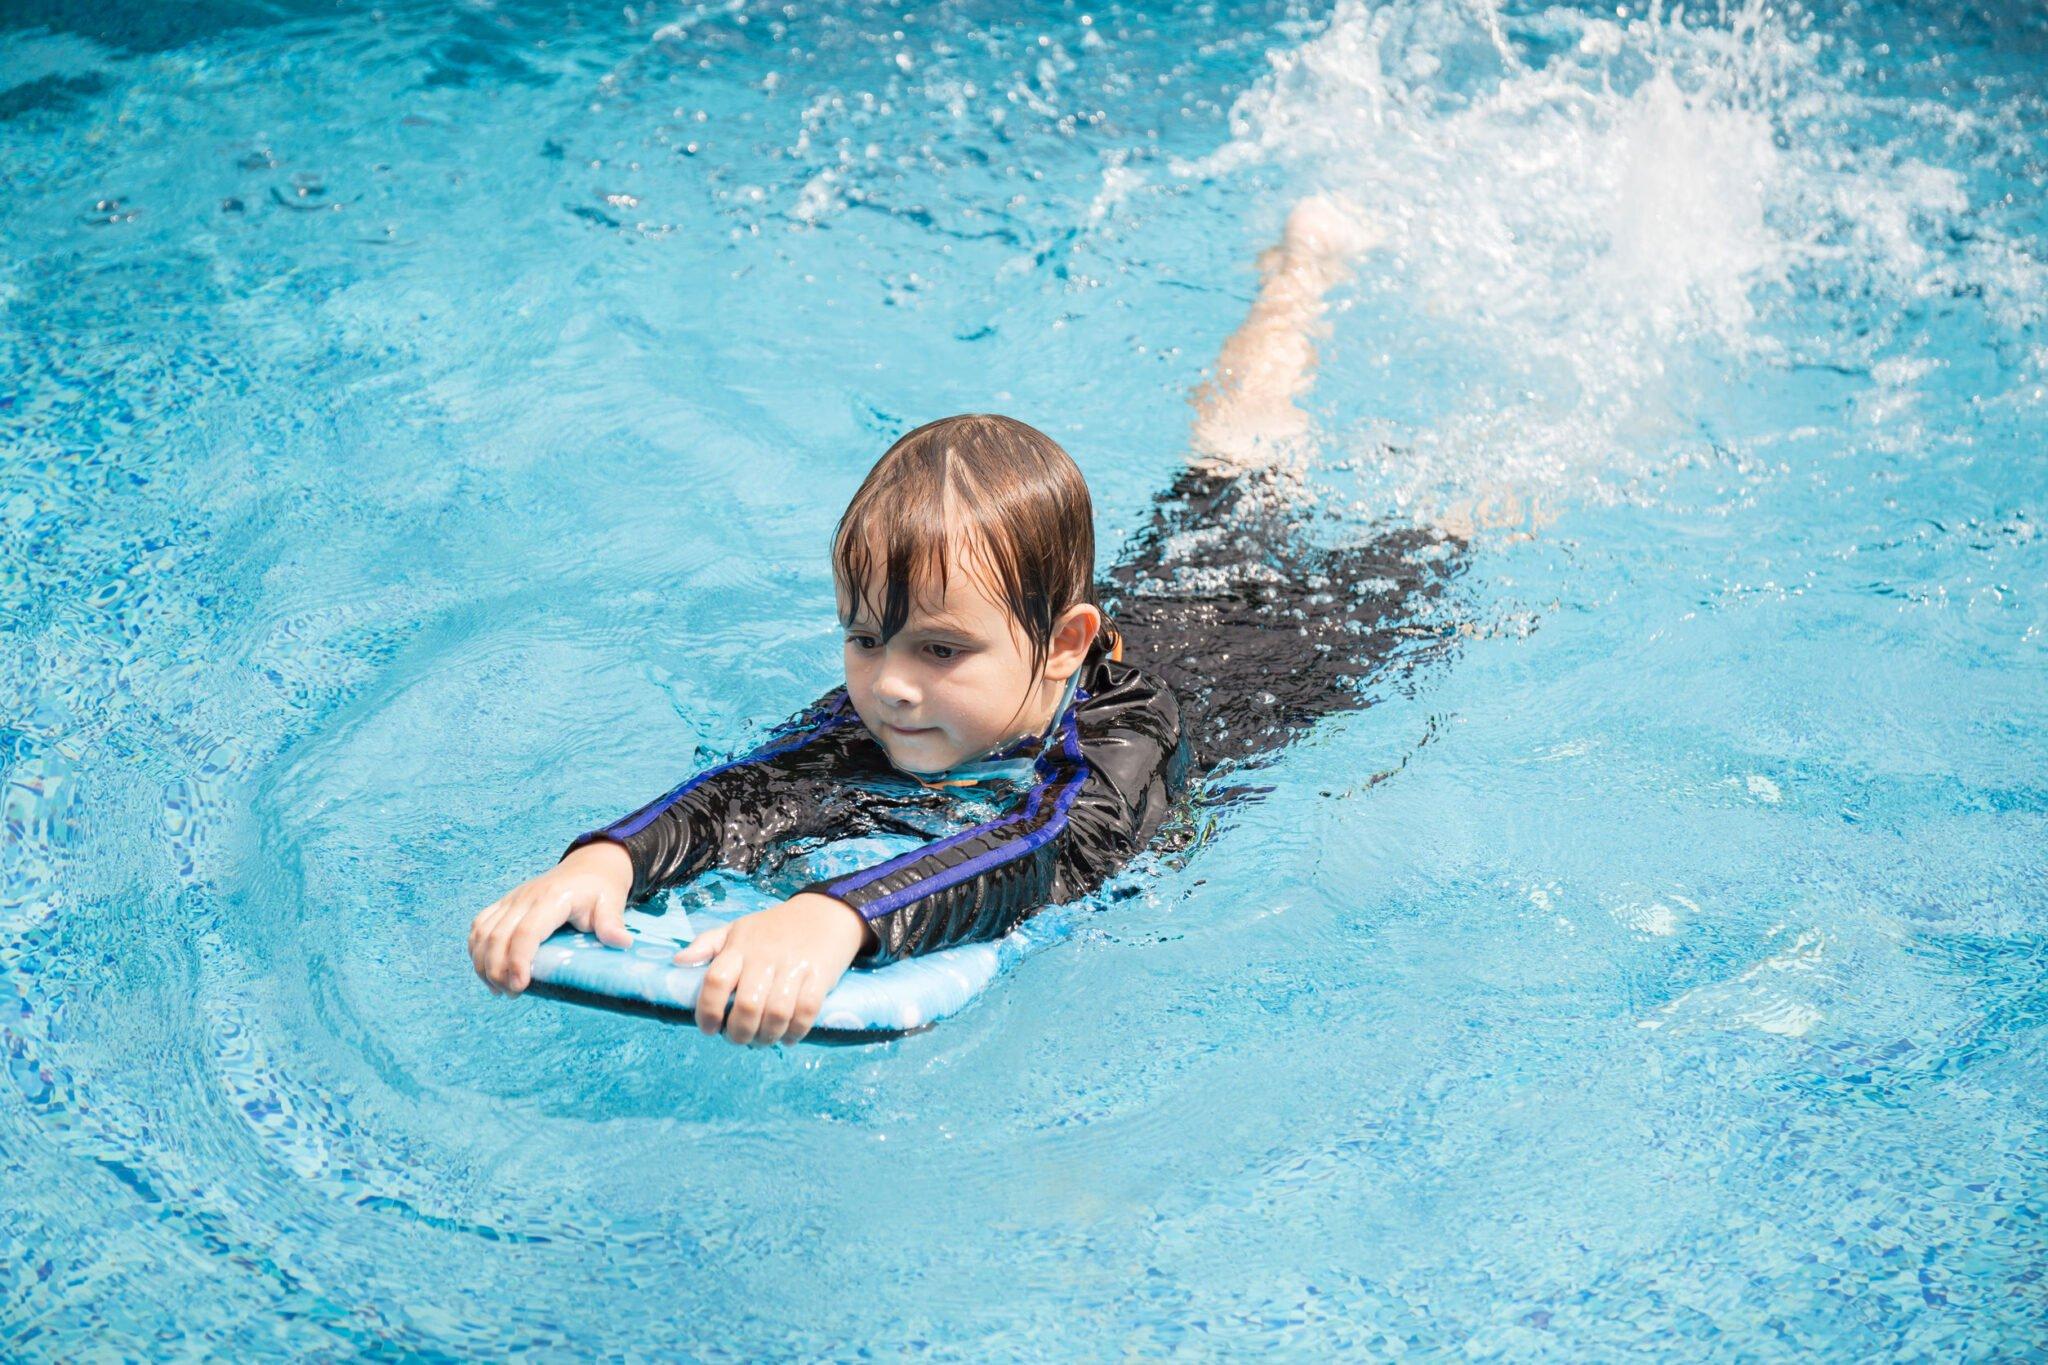 Kind ziek na zwemmen? Let op deze symptomen! - Mamaliefde.nl